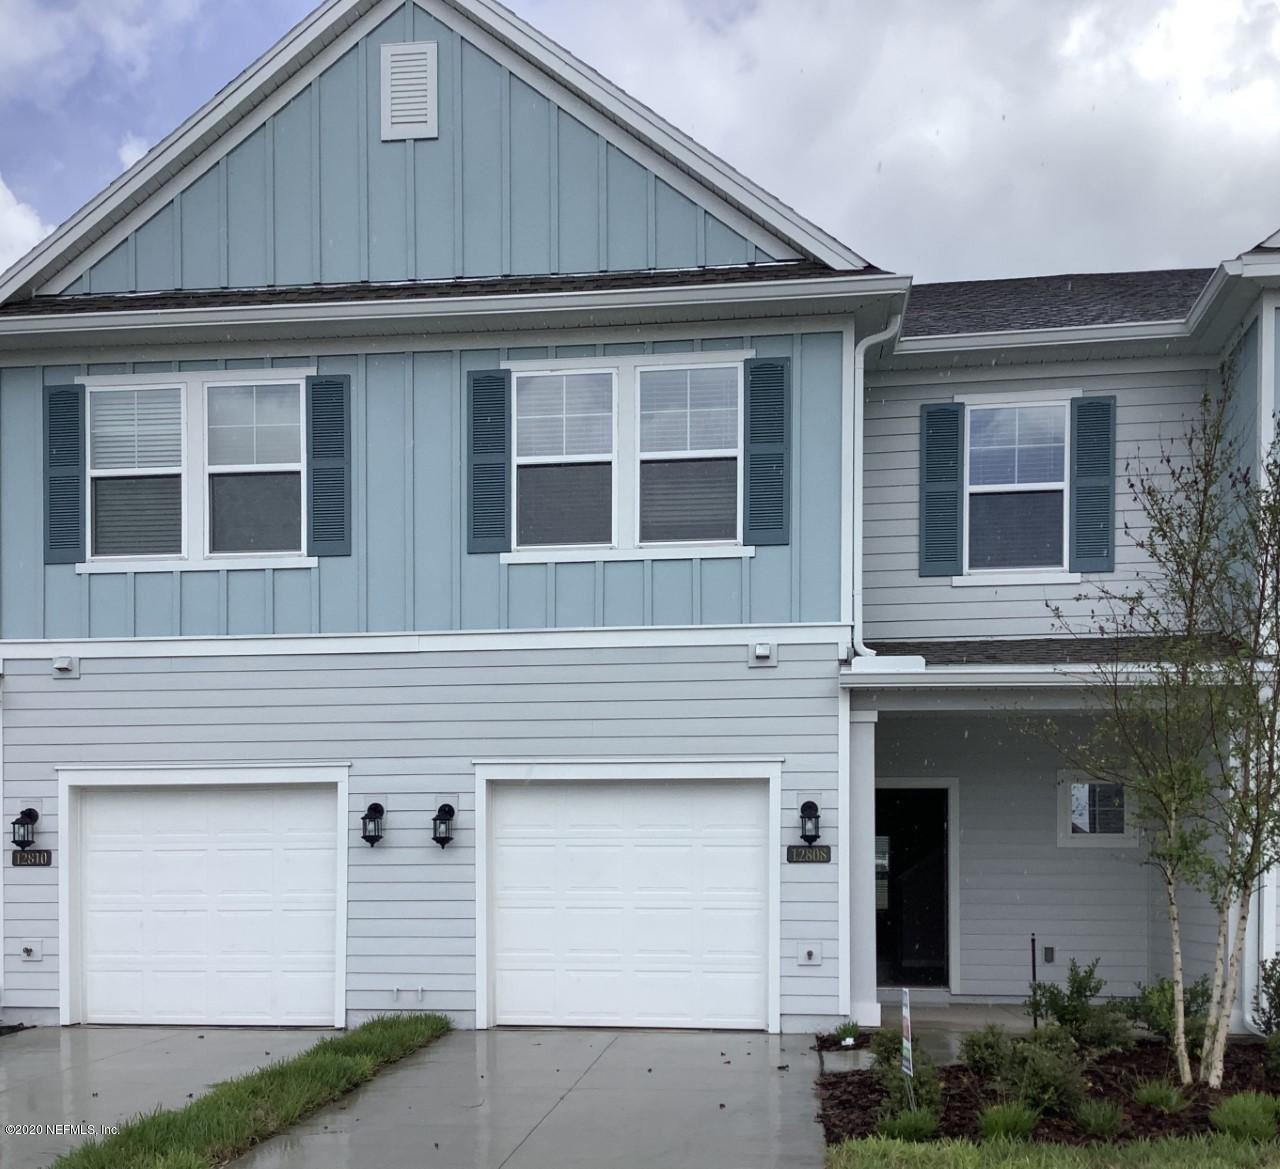 12683 JOSSLYN LN #Lot No: 139, Jacksonville, FL 32246 - MLS#: 1073342